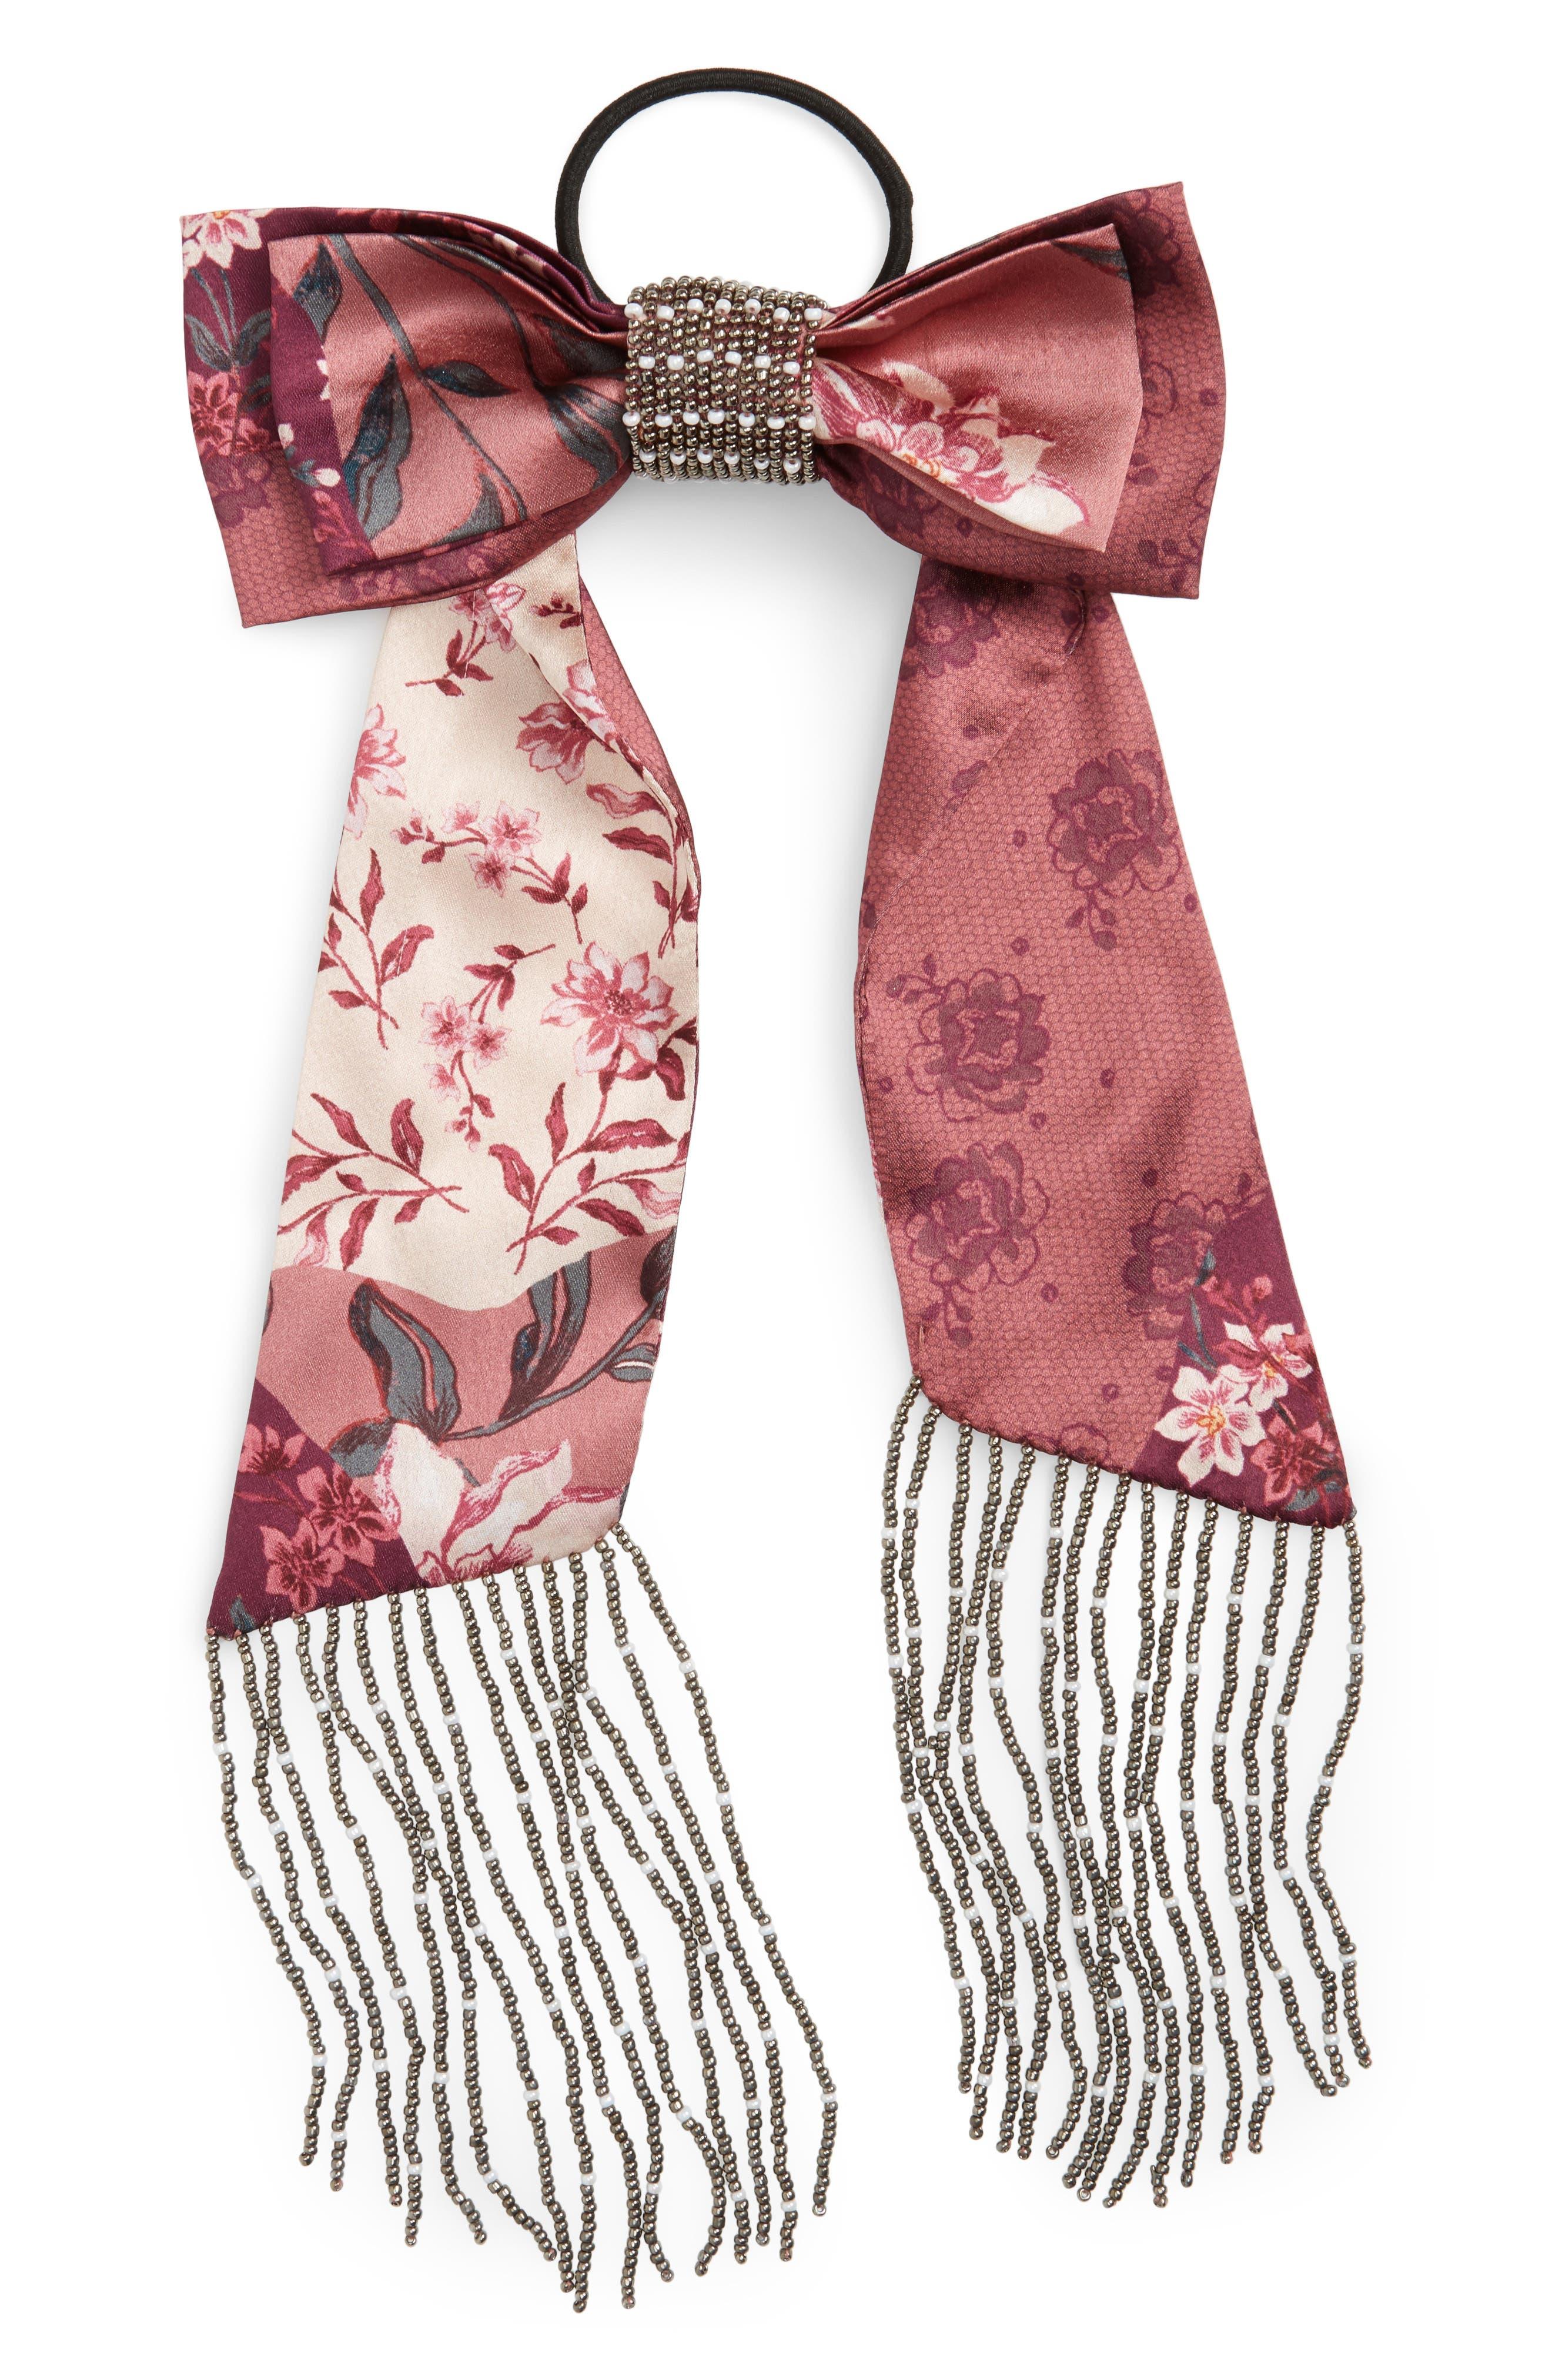 Beaded Double Bow Hair Tie,                             Main thumbnail 1, color,                             500